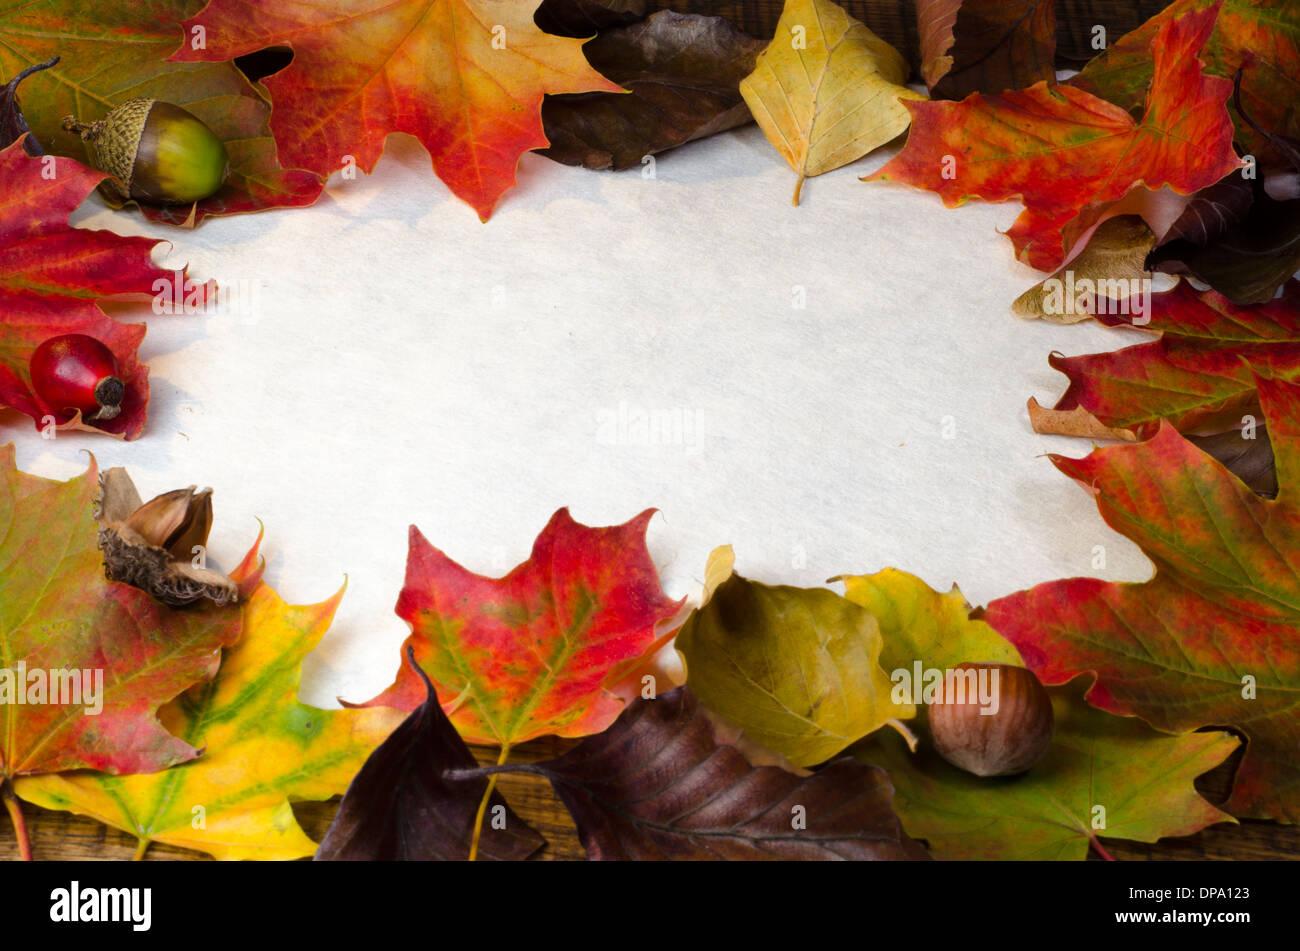 Ein Rahmen von bunten Herbst Blätter und Wind fallen, Nüssen und ...